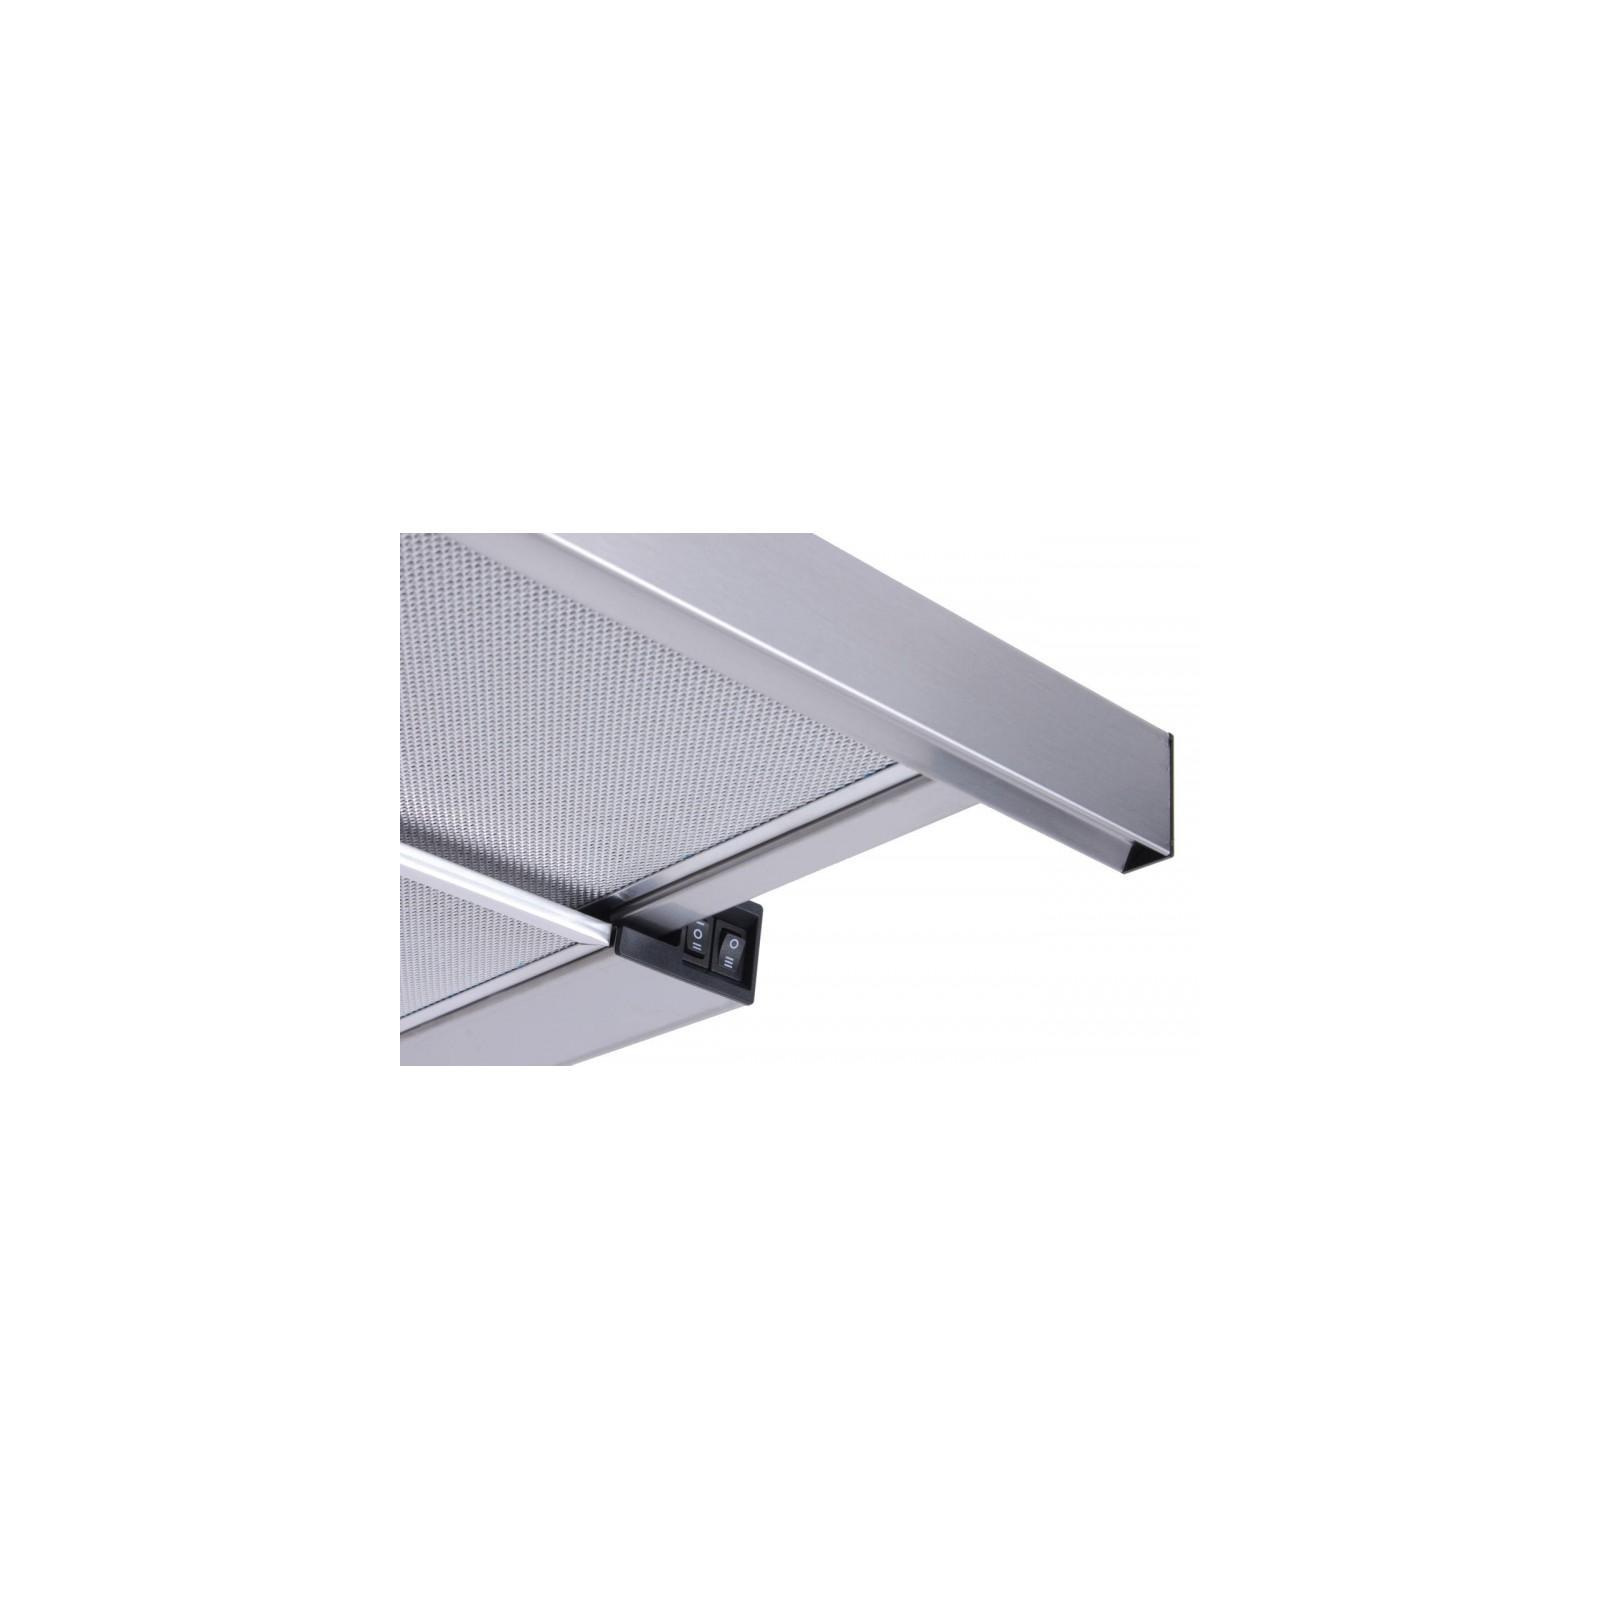 Вытяжка кухонная VENTOLUX GARDA 60 INOX (1000) EU изображение 4